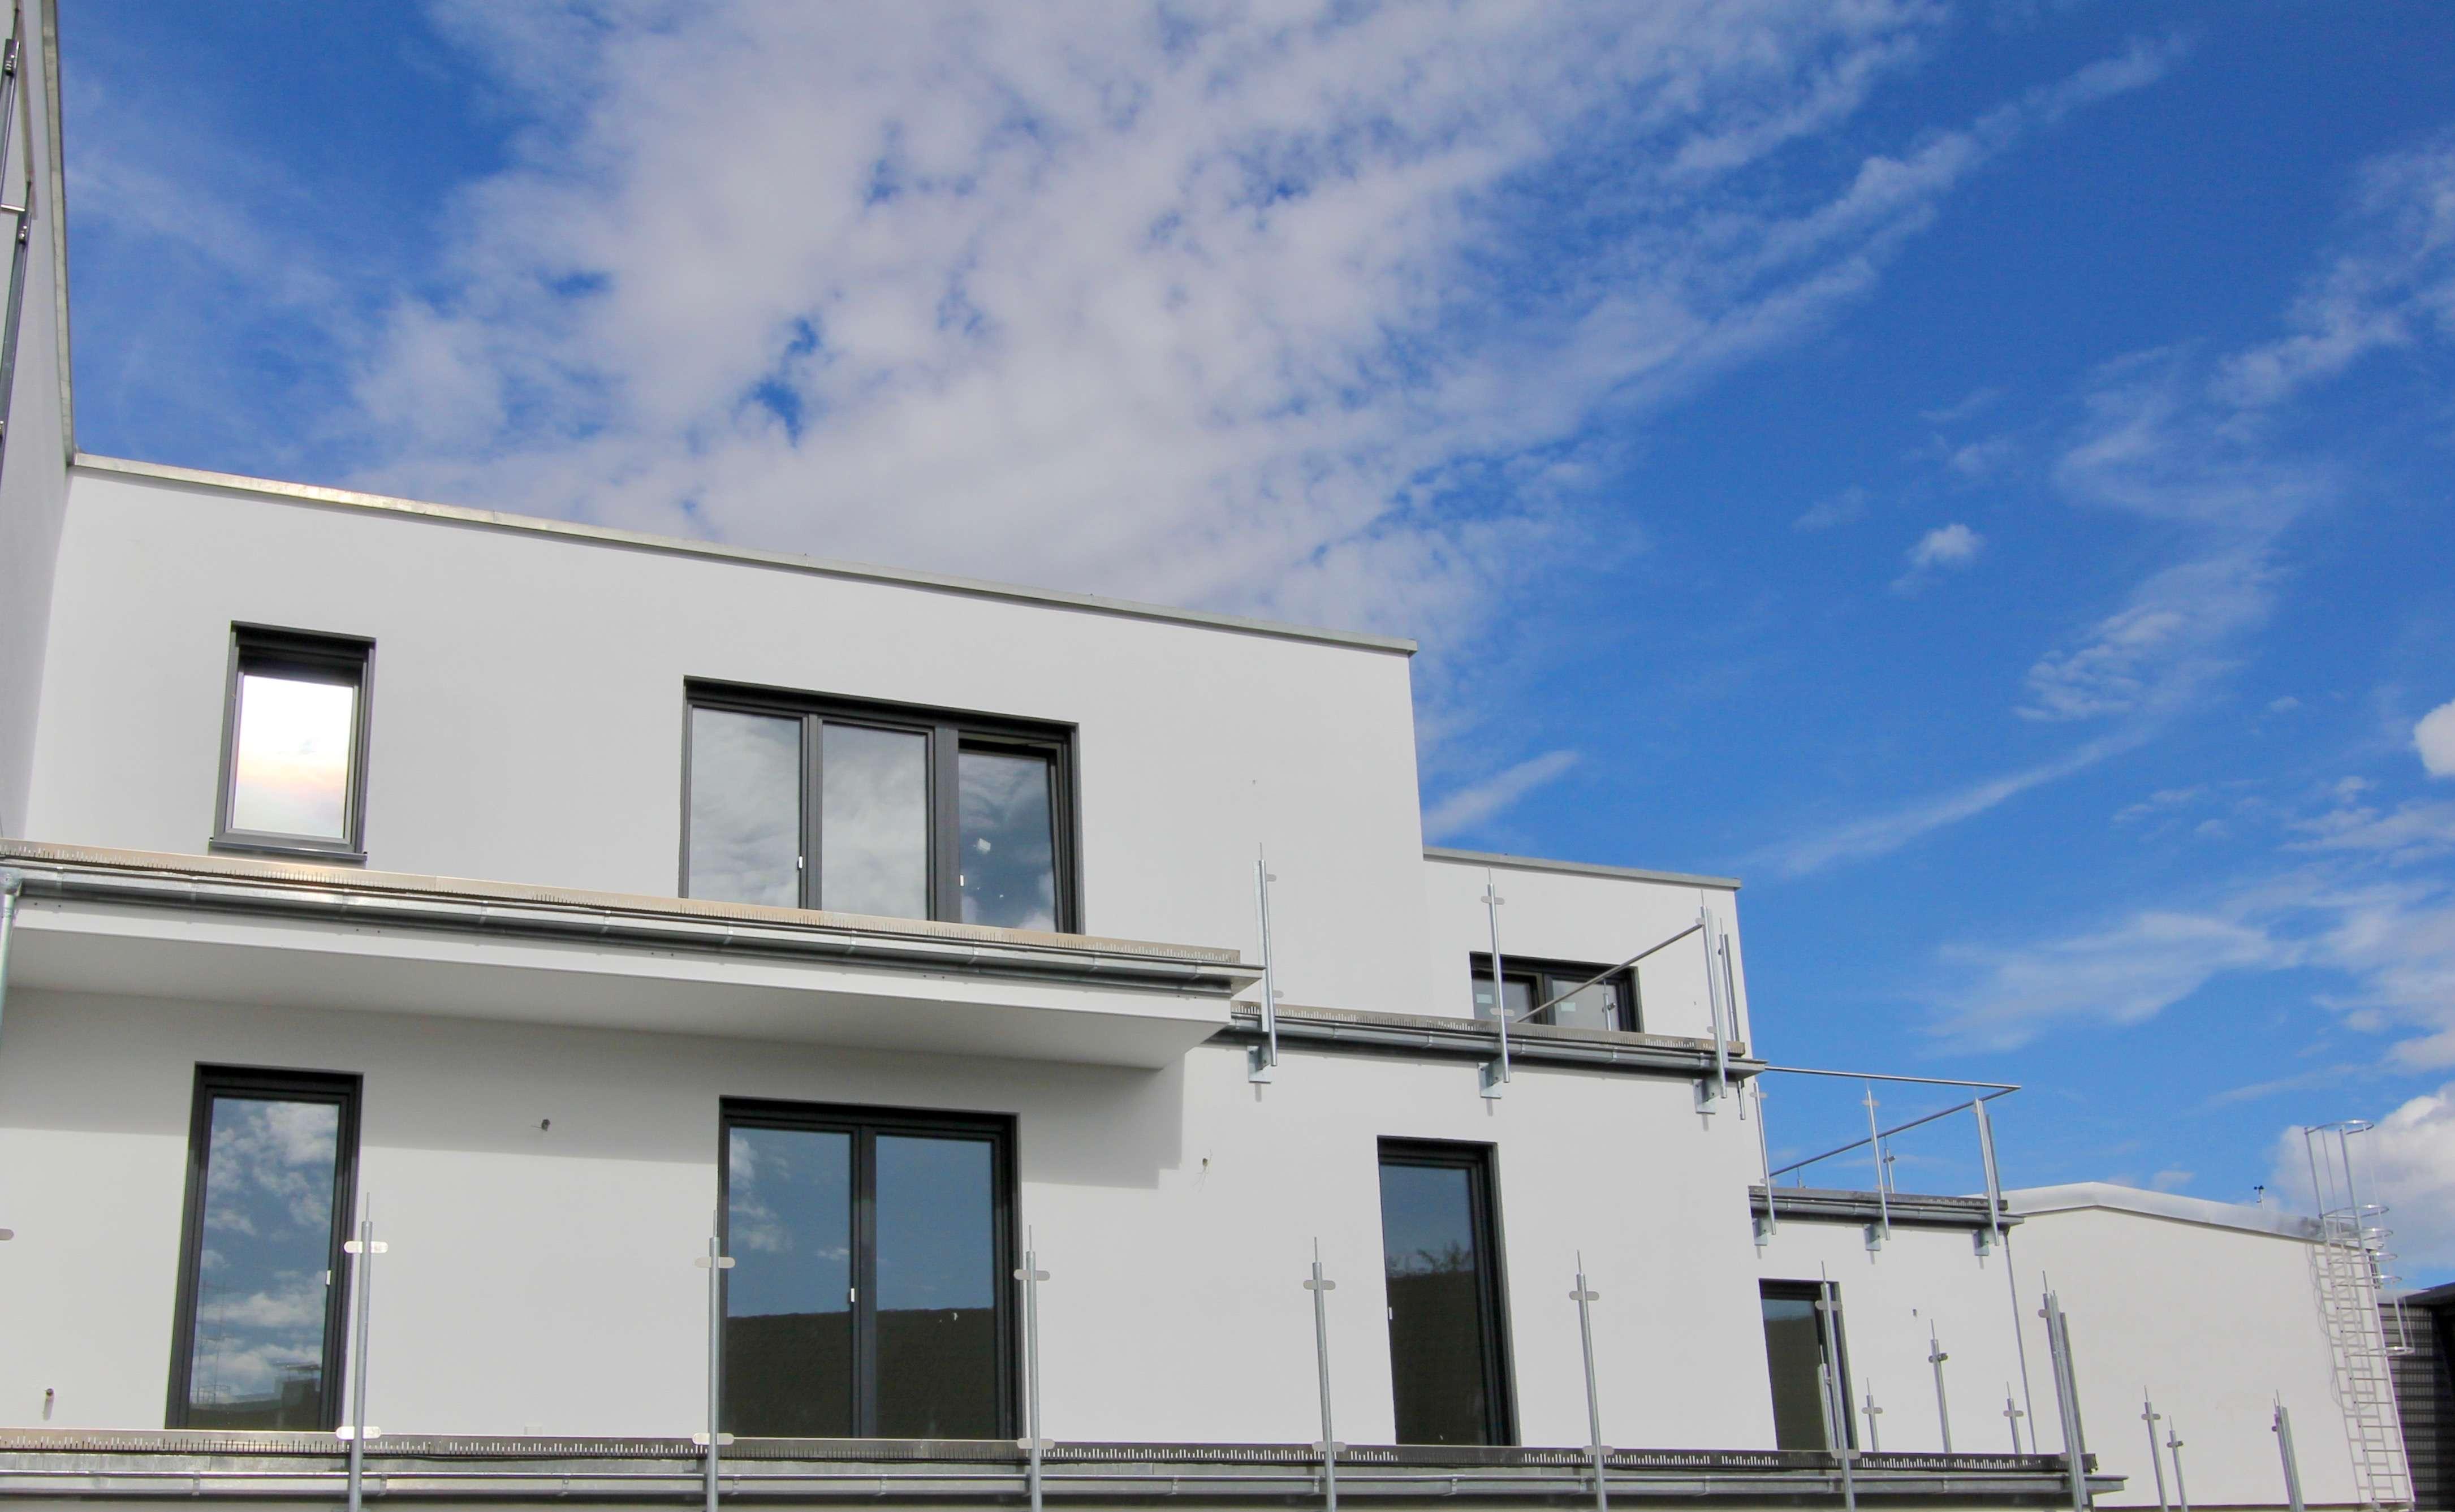 Erstbezug: Moderne Penthouse-Wohnung mit großzügiger Dachterrasse in guter Lage von Trudering in Trudering (München)